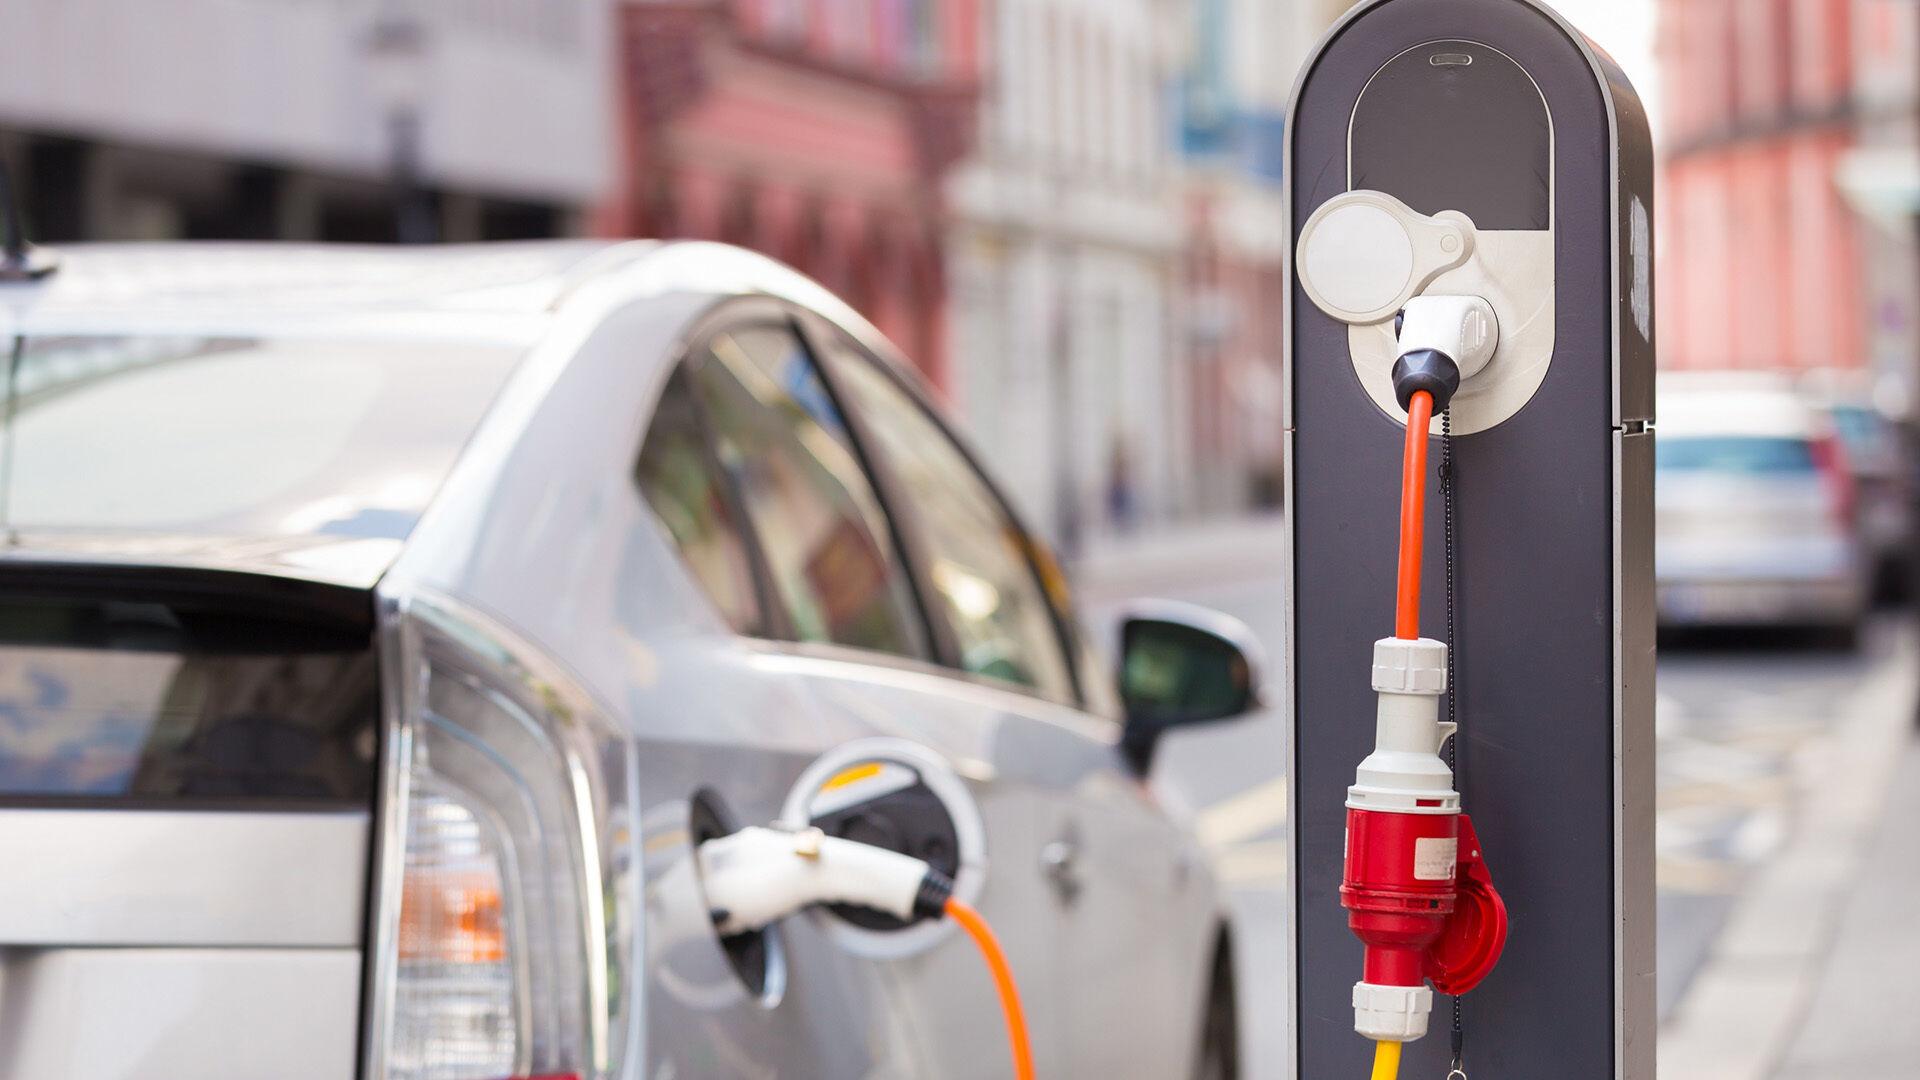 Precedento neturintis planas - Europa jau kitąmet planuoja sumušti visus elektrinių automobilių pardavimo rekordus: kaip Lietuva prisijungs prie šių lenktynių?